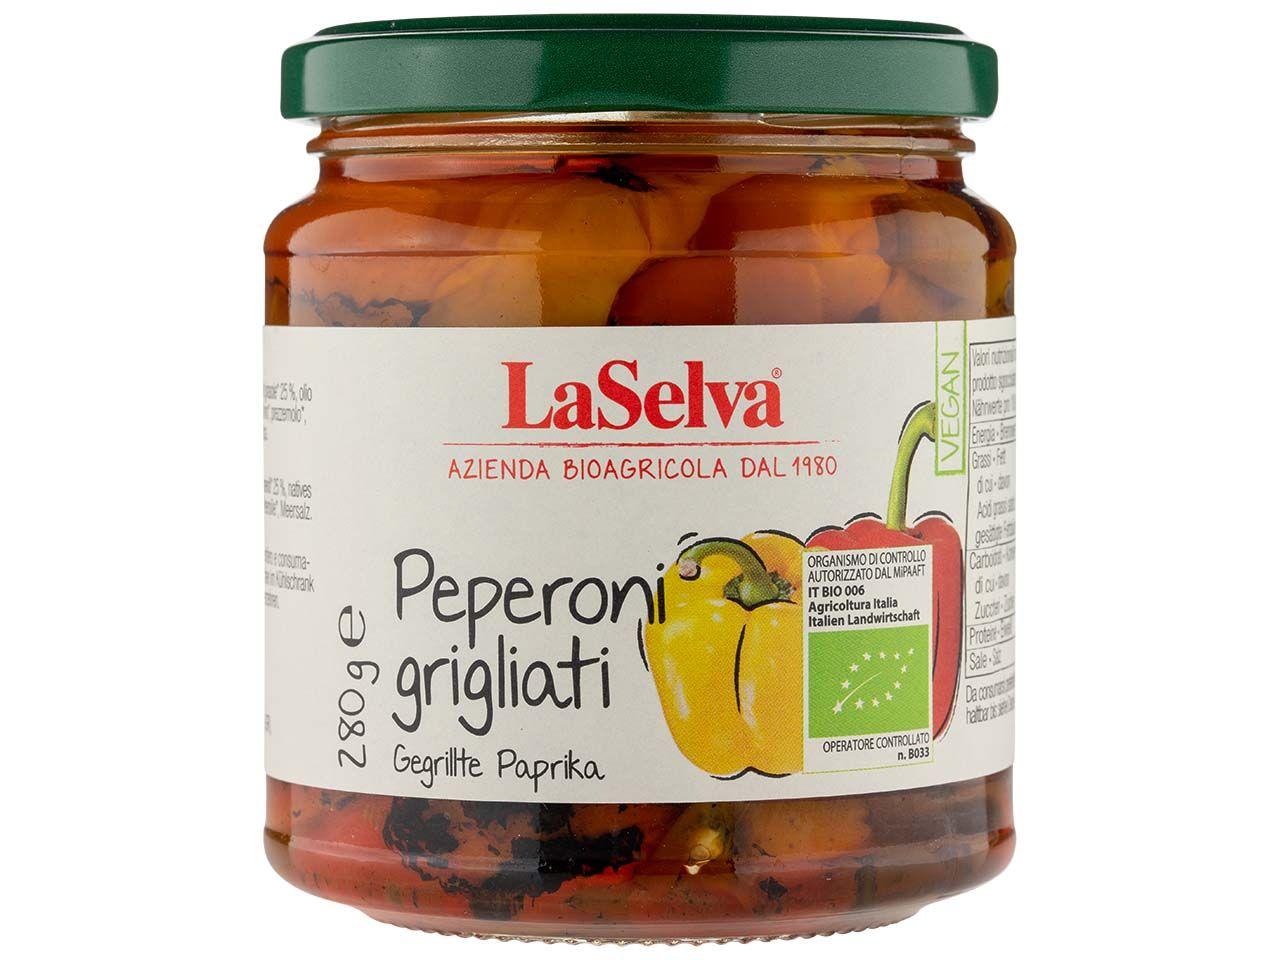 LaSelva Gegrillte Bio-Paprika in Öl, 280 g 170002557